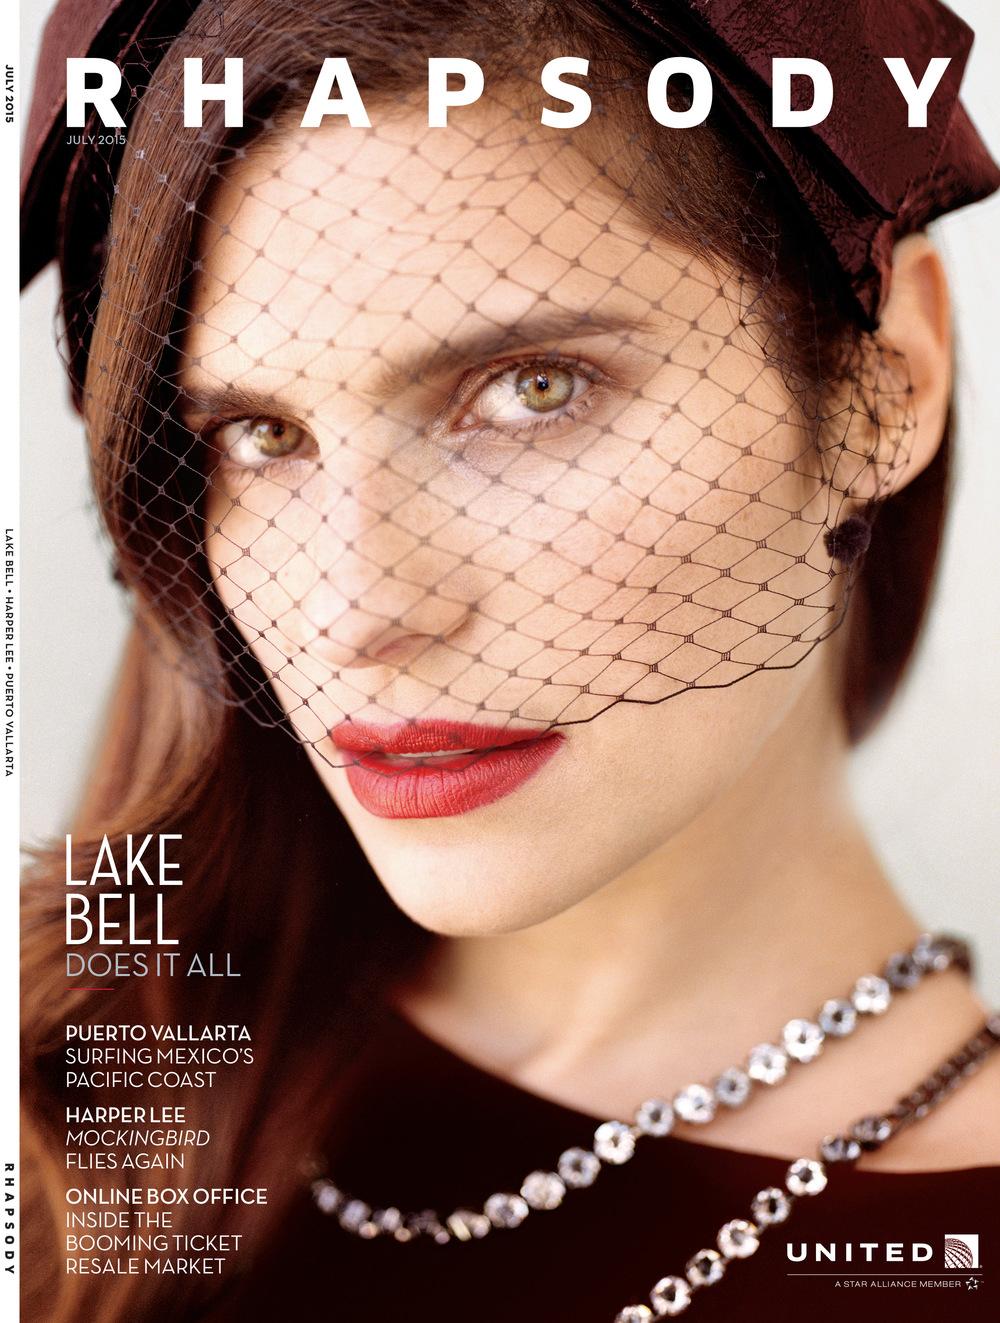 lake bell